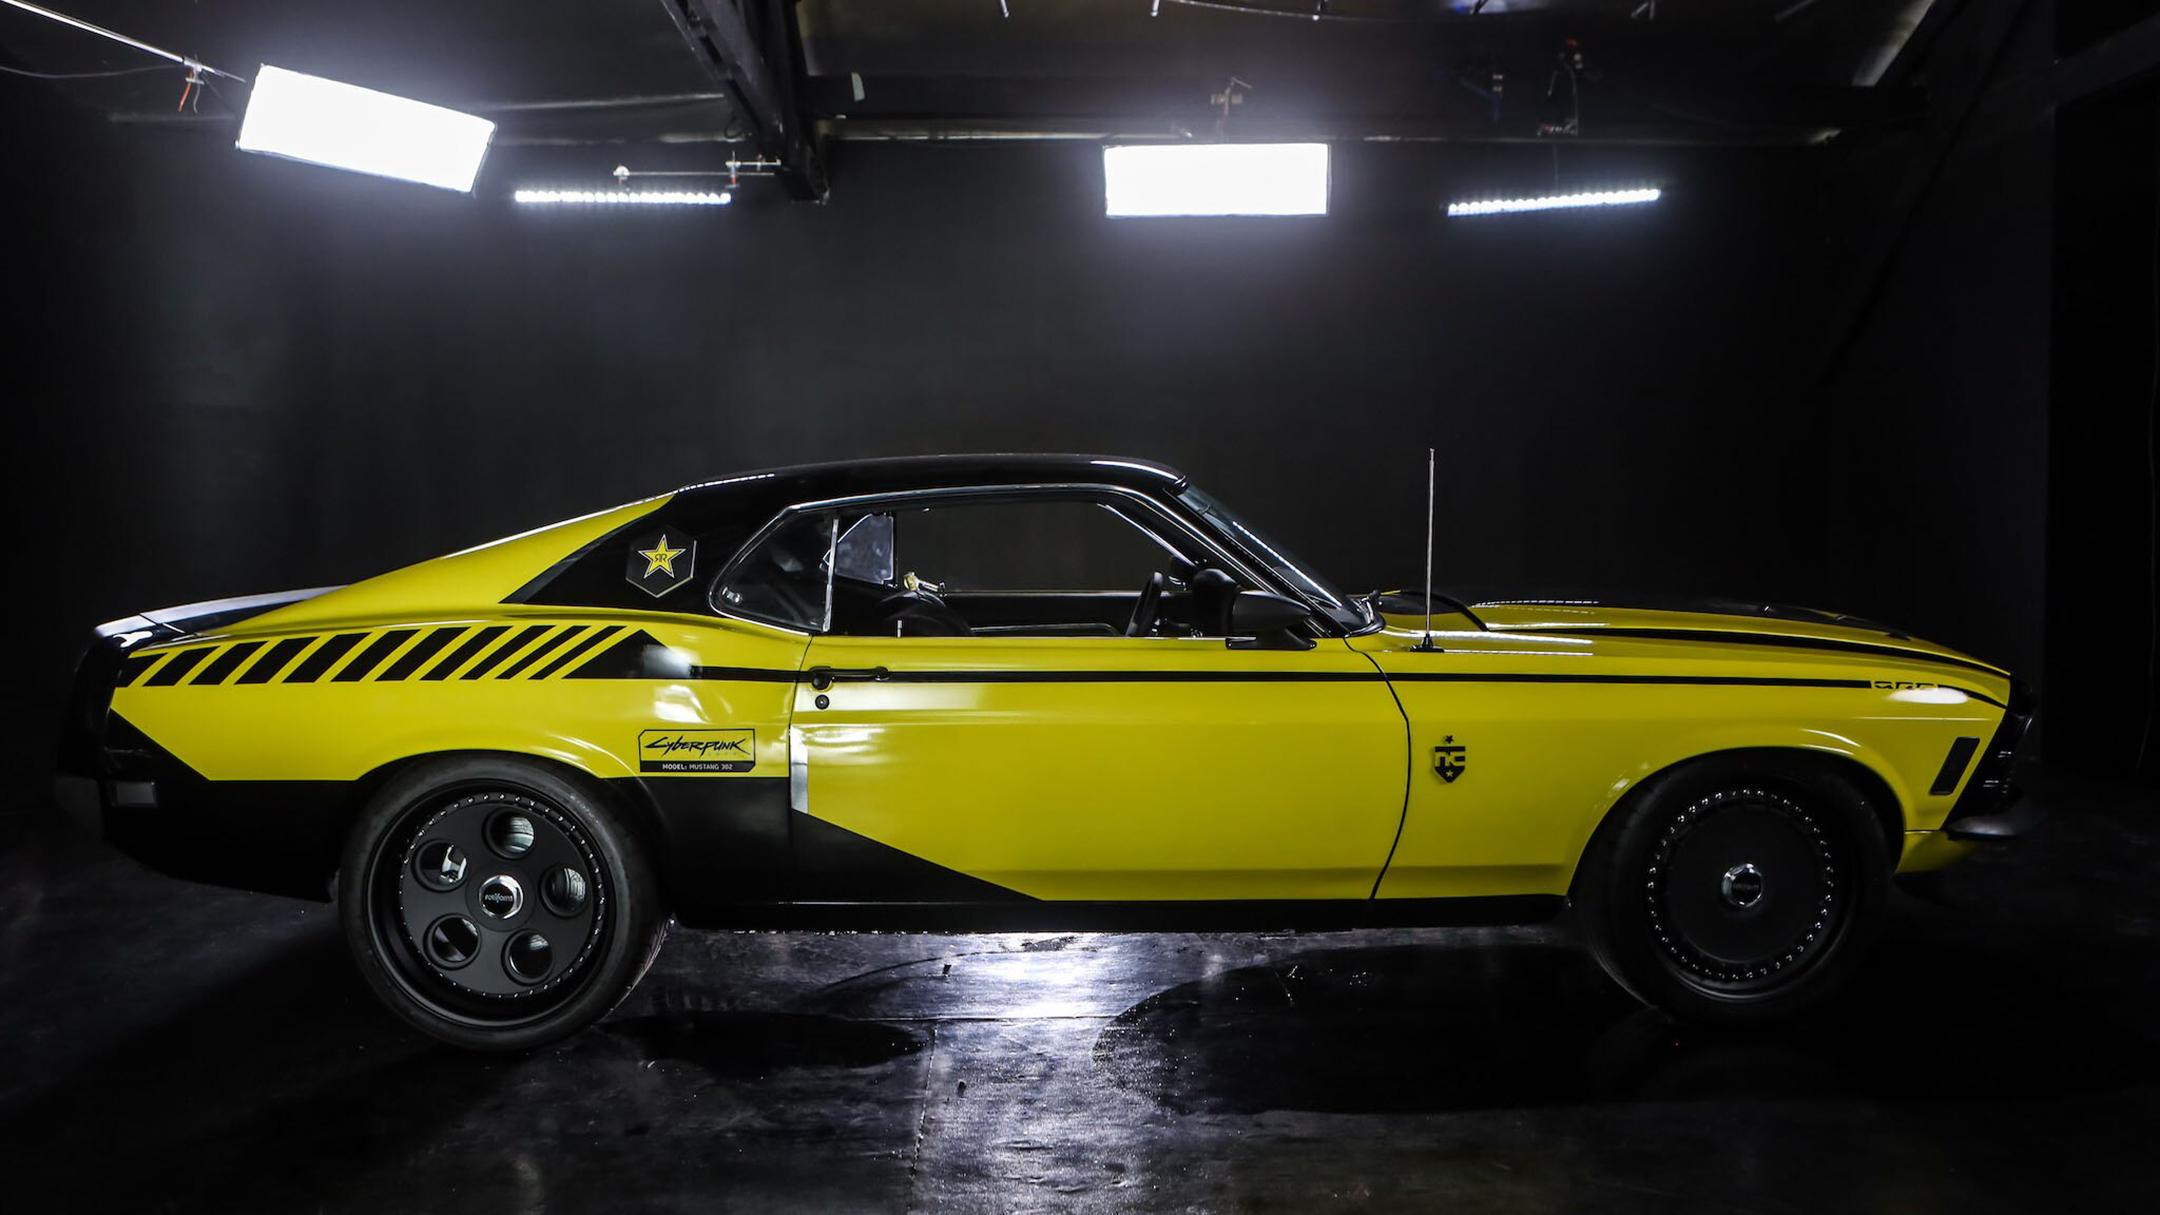 """Chiếc Ford Mustang có tên gọi là Quadra, được độ lại giống y đúc bản mẫu của một chiếc xe mà người chơi có thể lái trong game """"Cyperpunk 2077"""""""